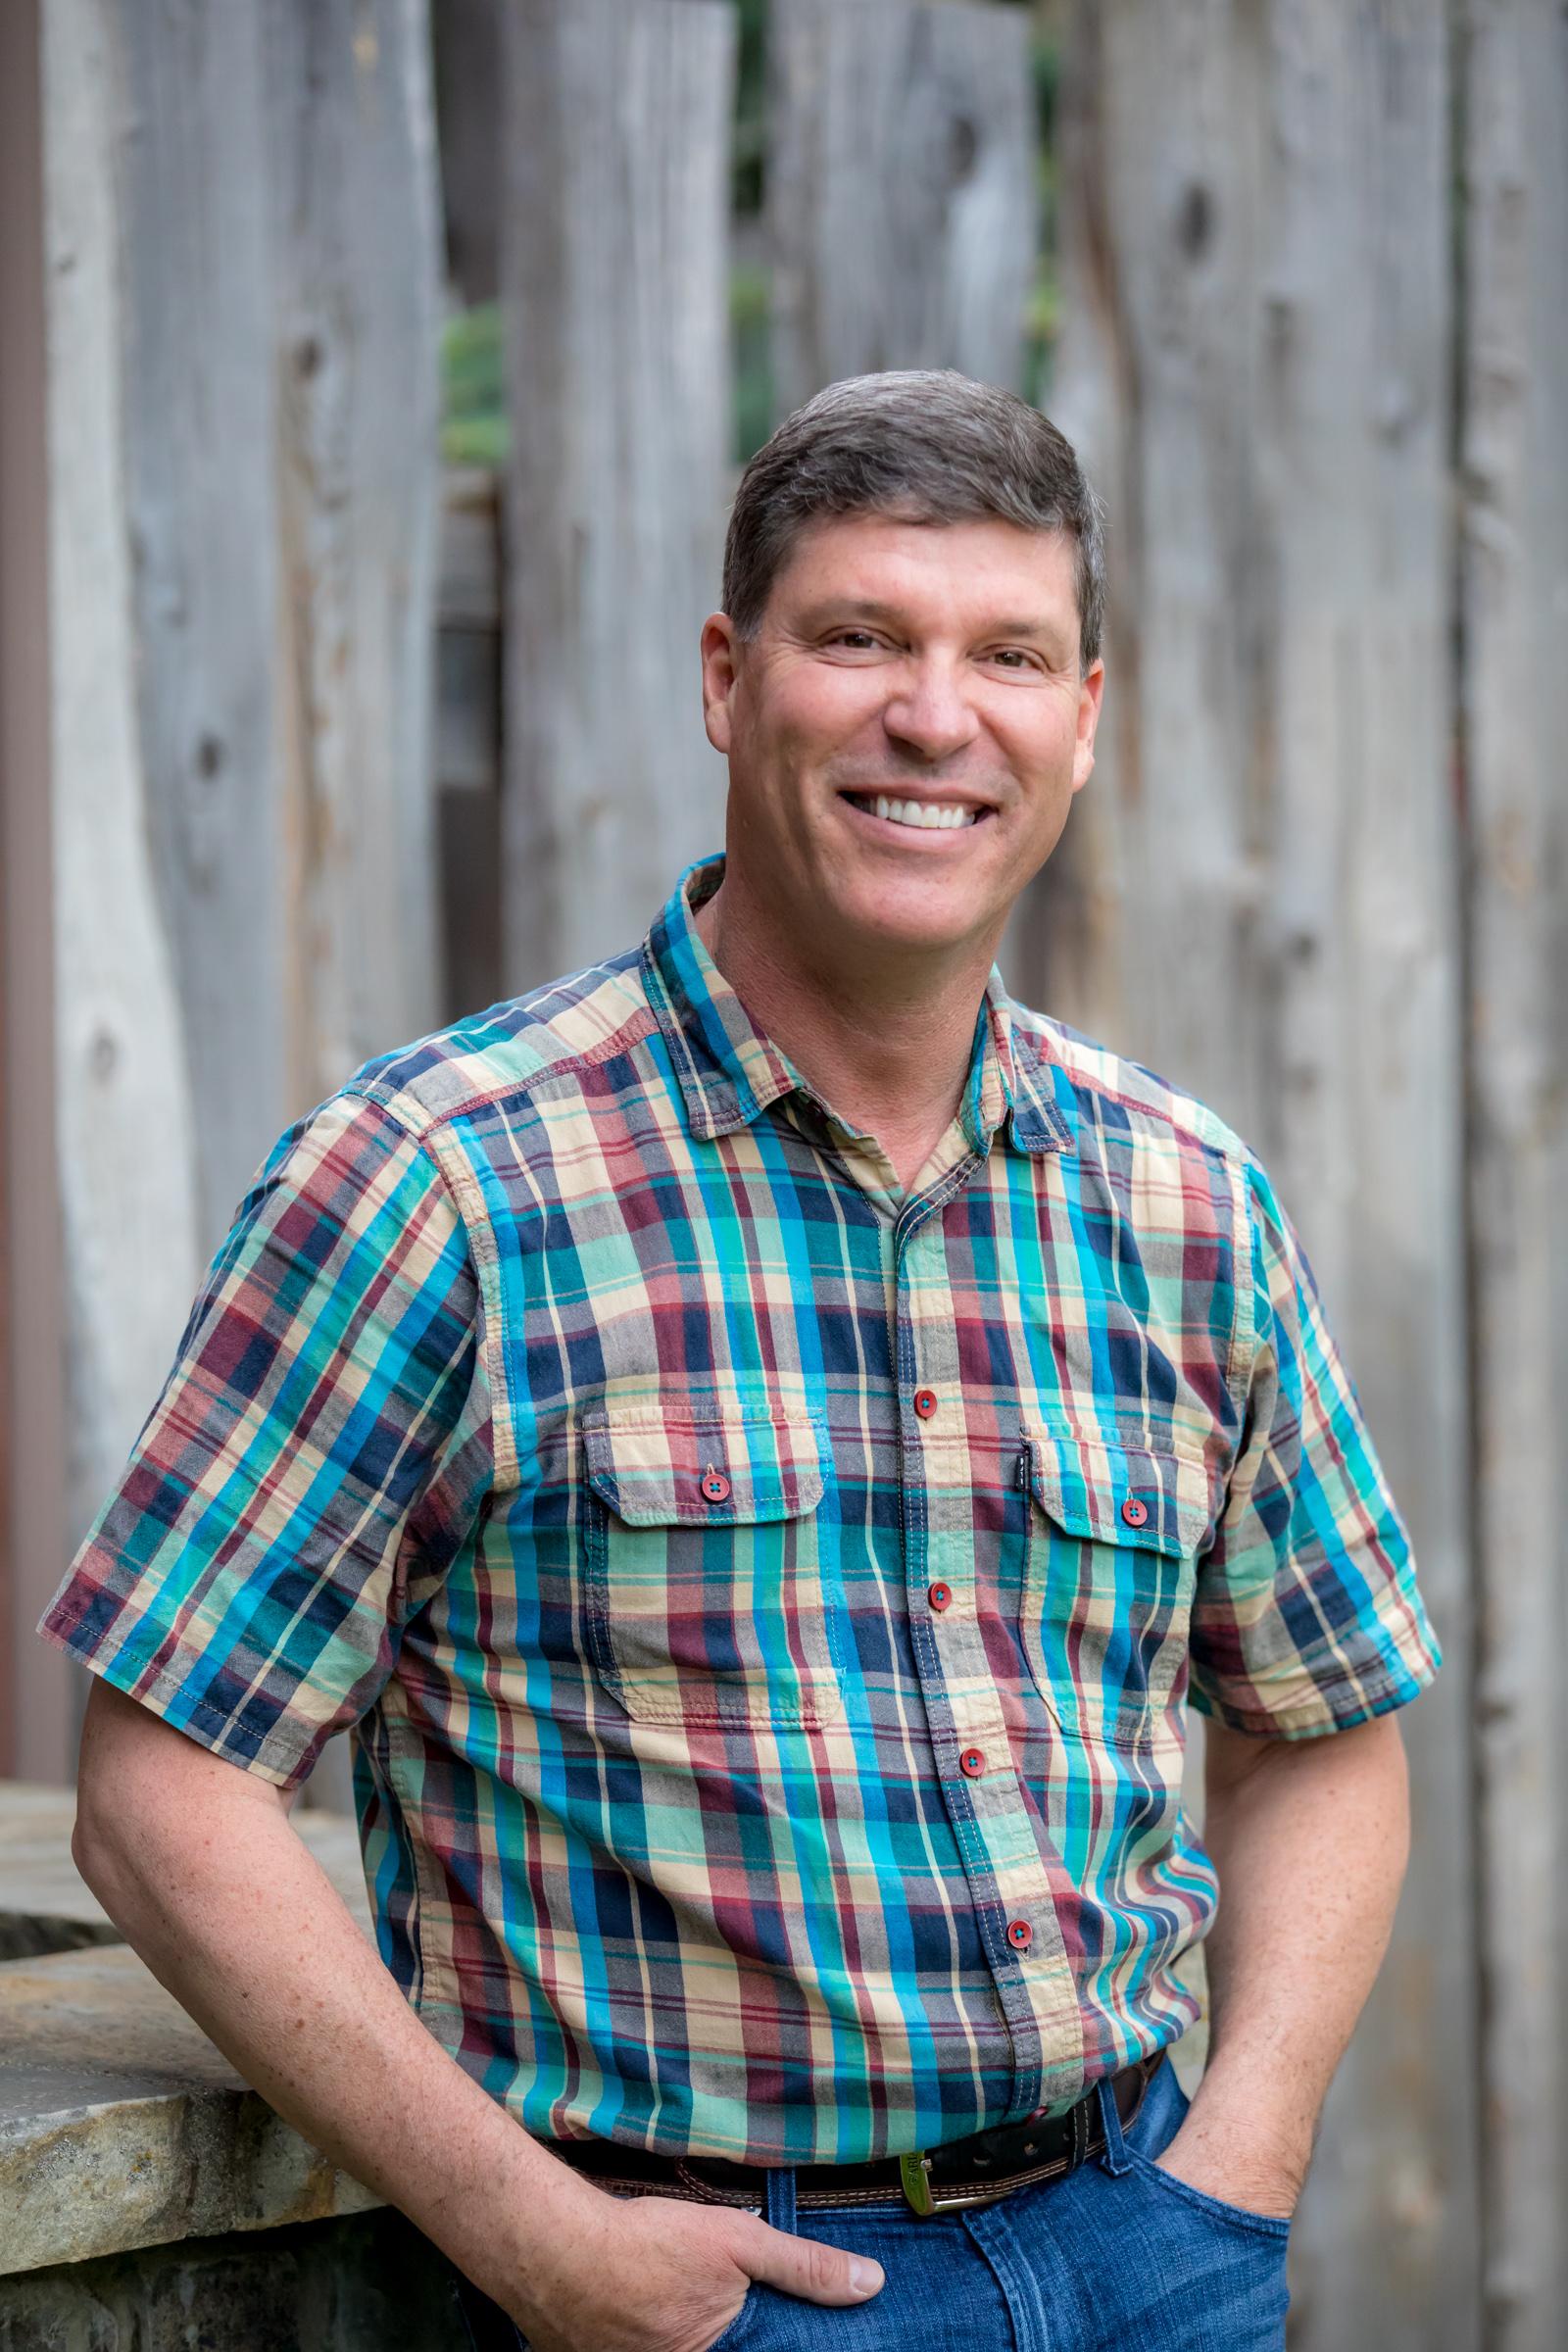 Steve Dooling